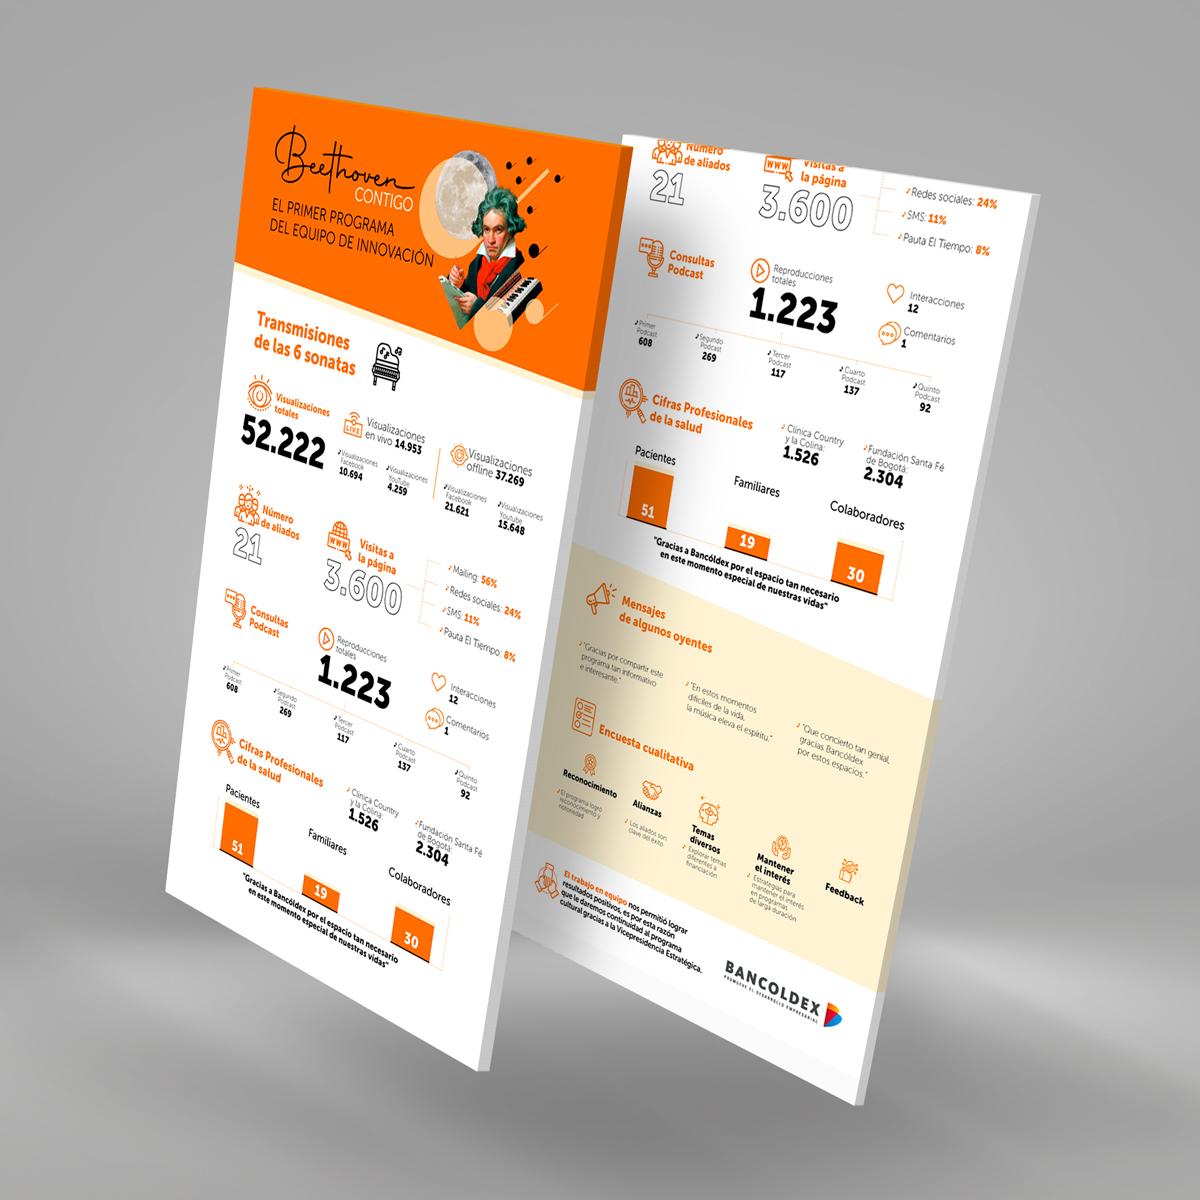 infografia Bancoldex Imaginario